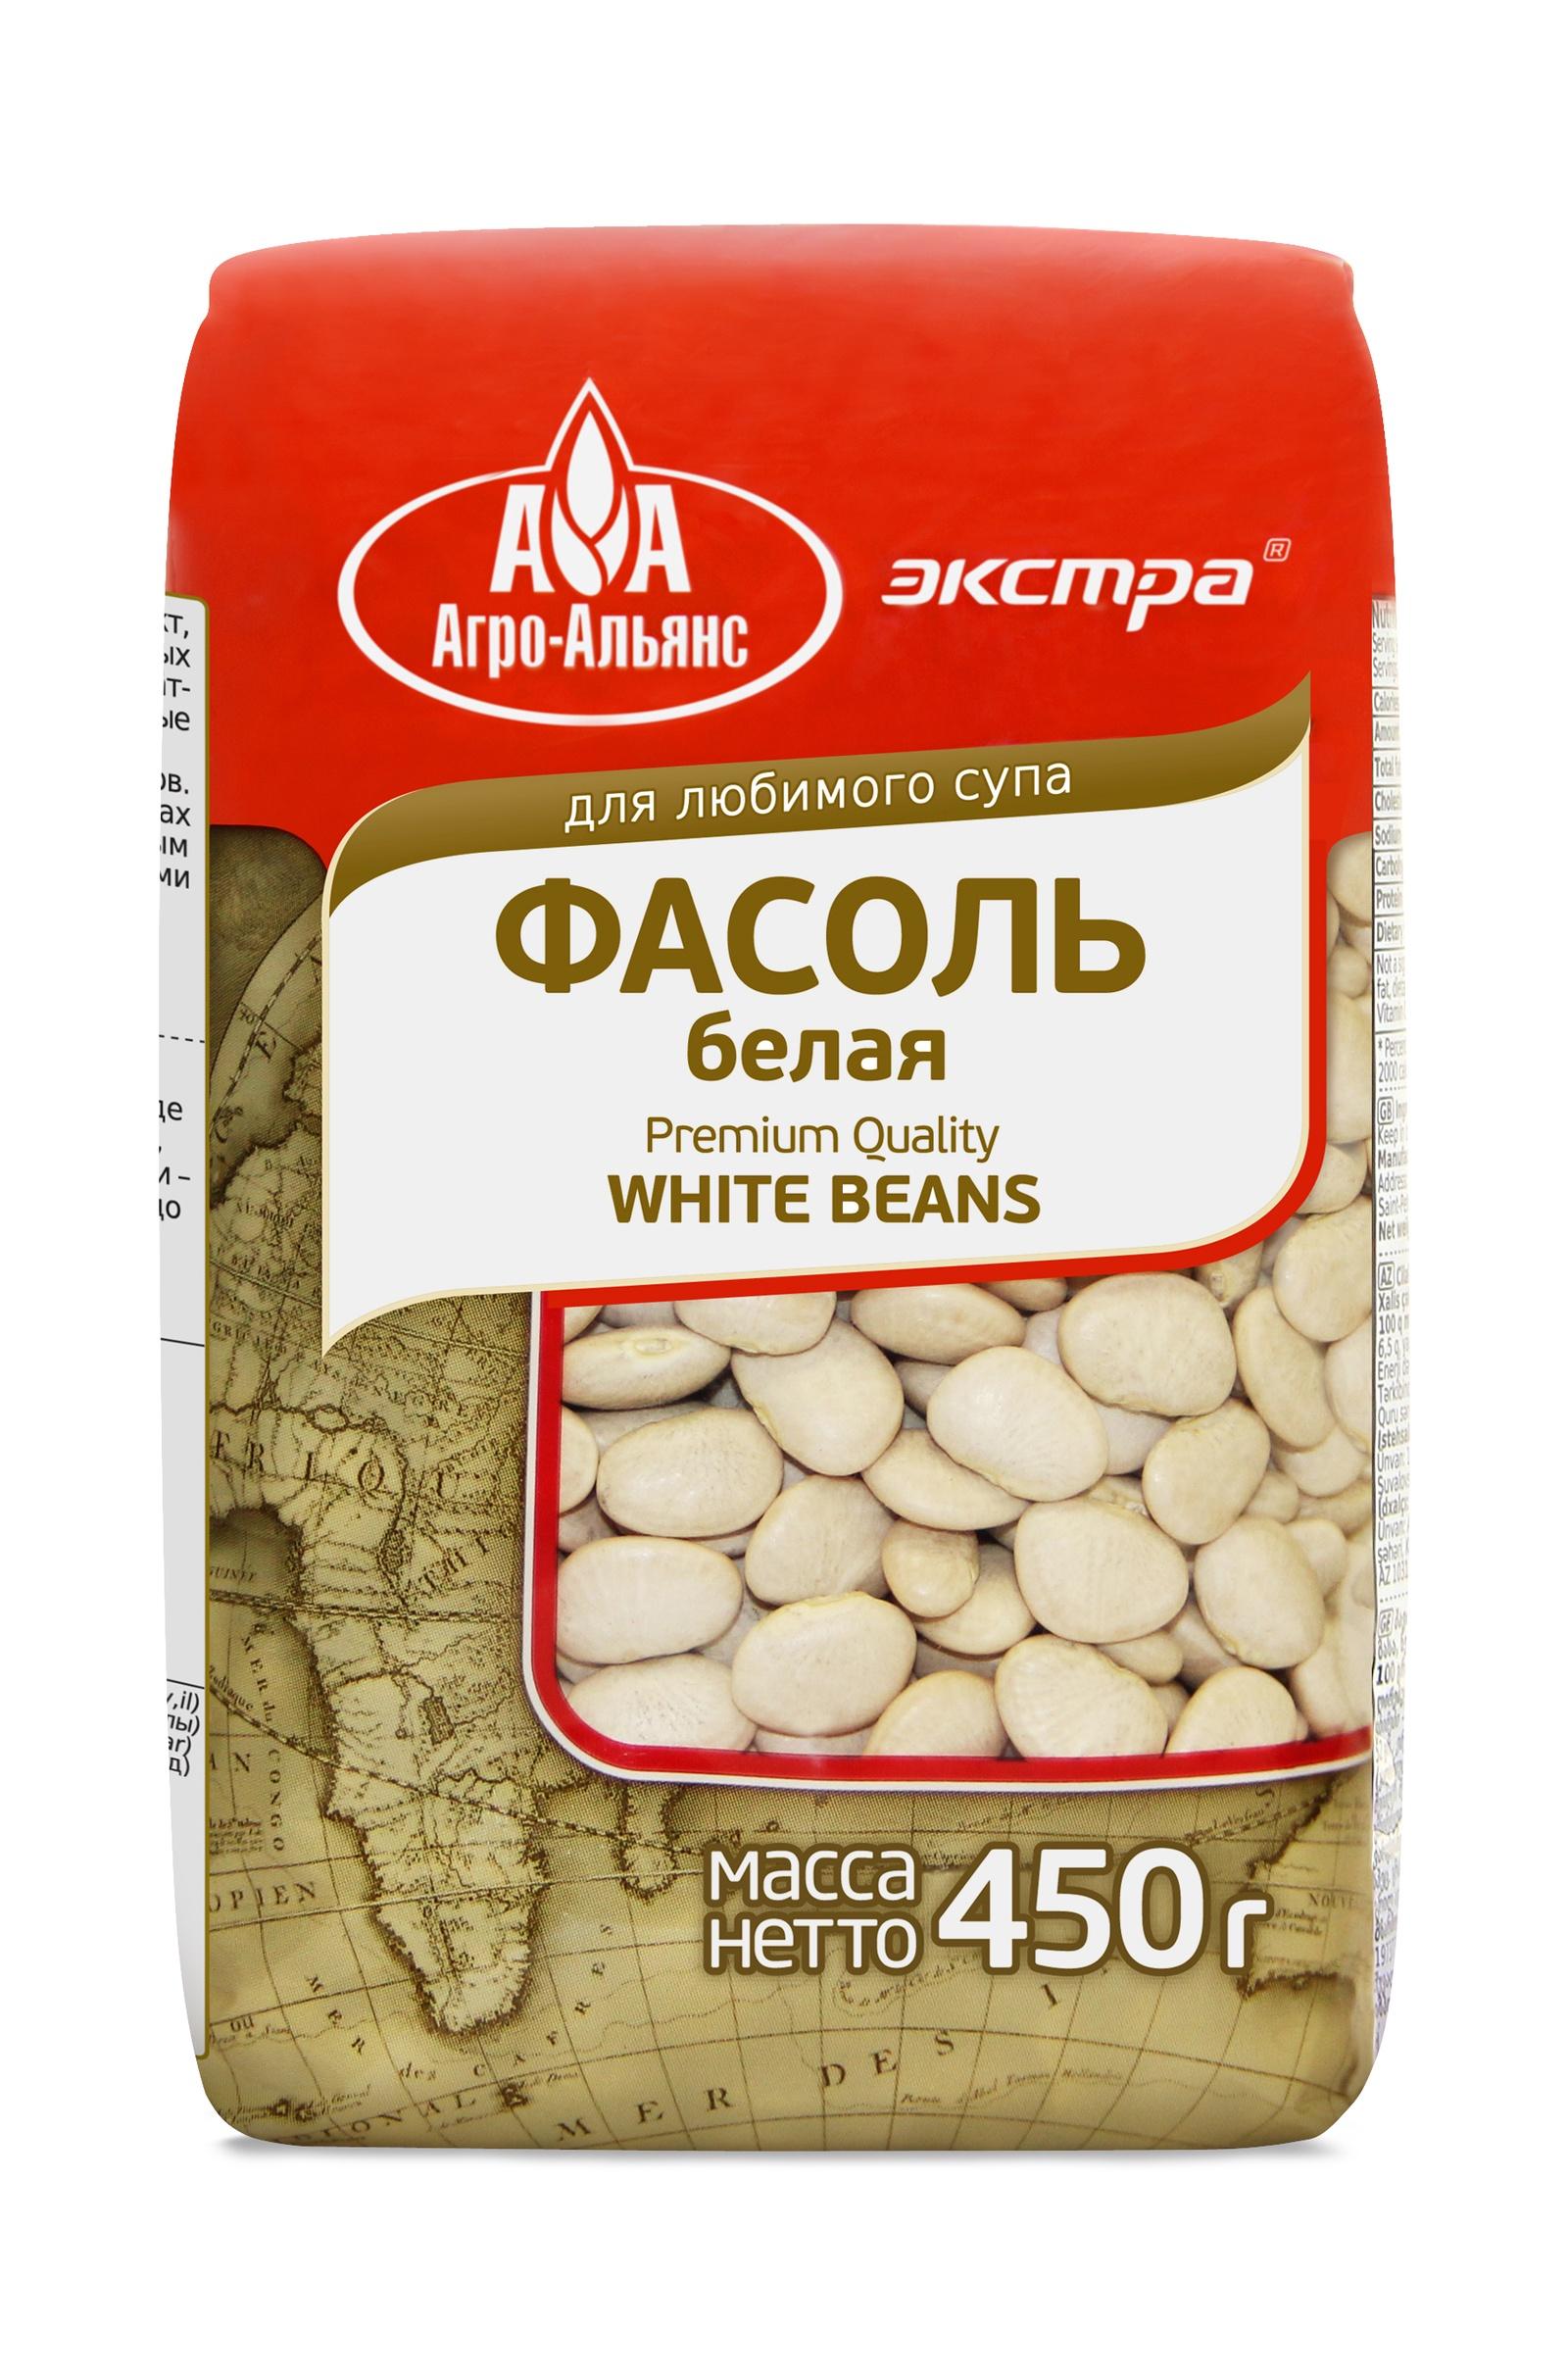 Фасоль сушеная Агро-Альянс ОФ000022164, 450 Агро-Альянс